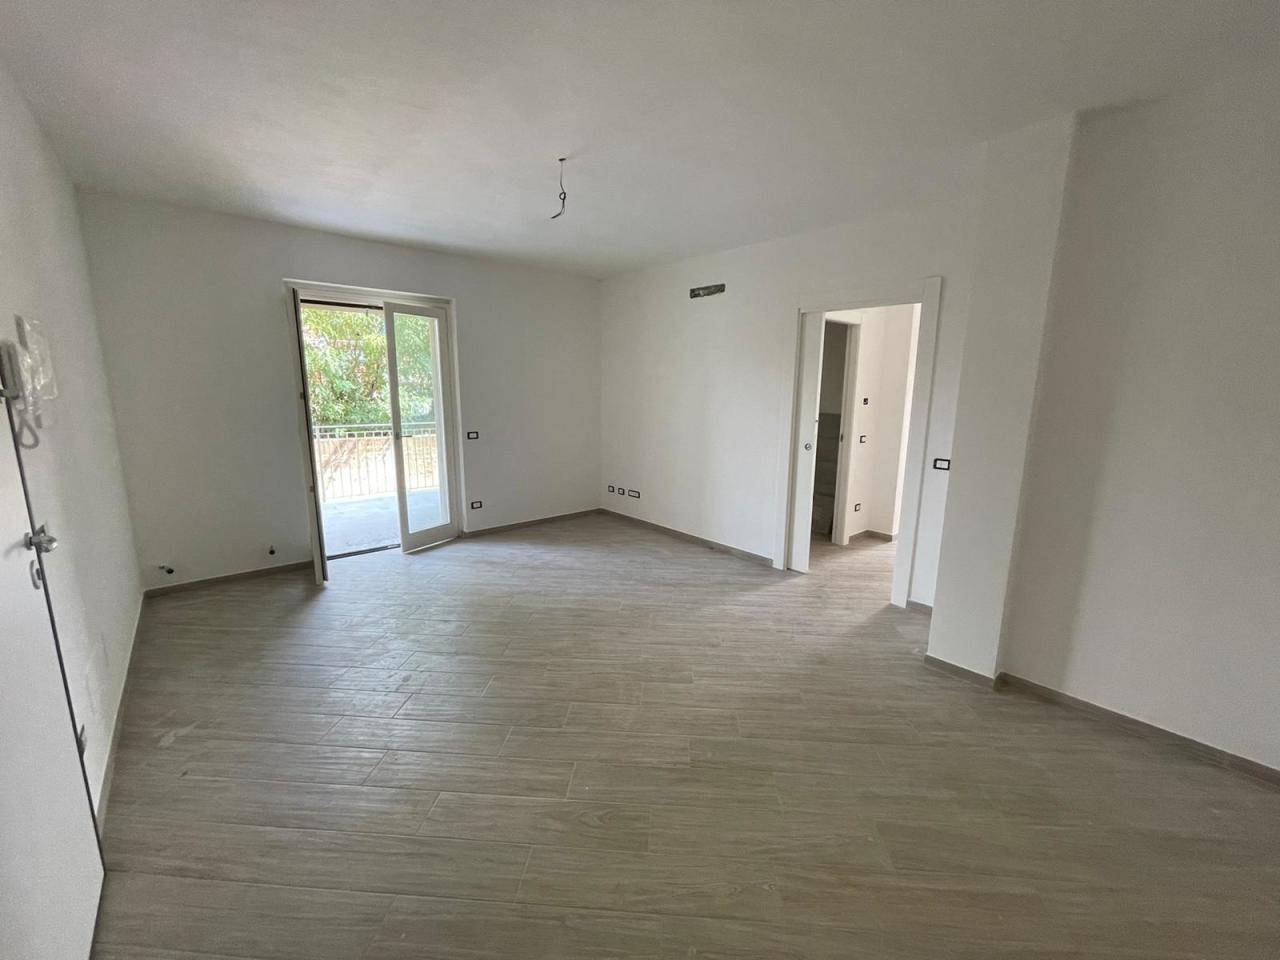 Appartamento in vendita a Santo Stefano di Magra, 3 locali, prezzo € 170.000   PortaleAgenzieImmobiliari.it